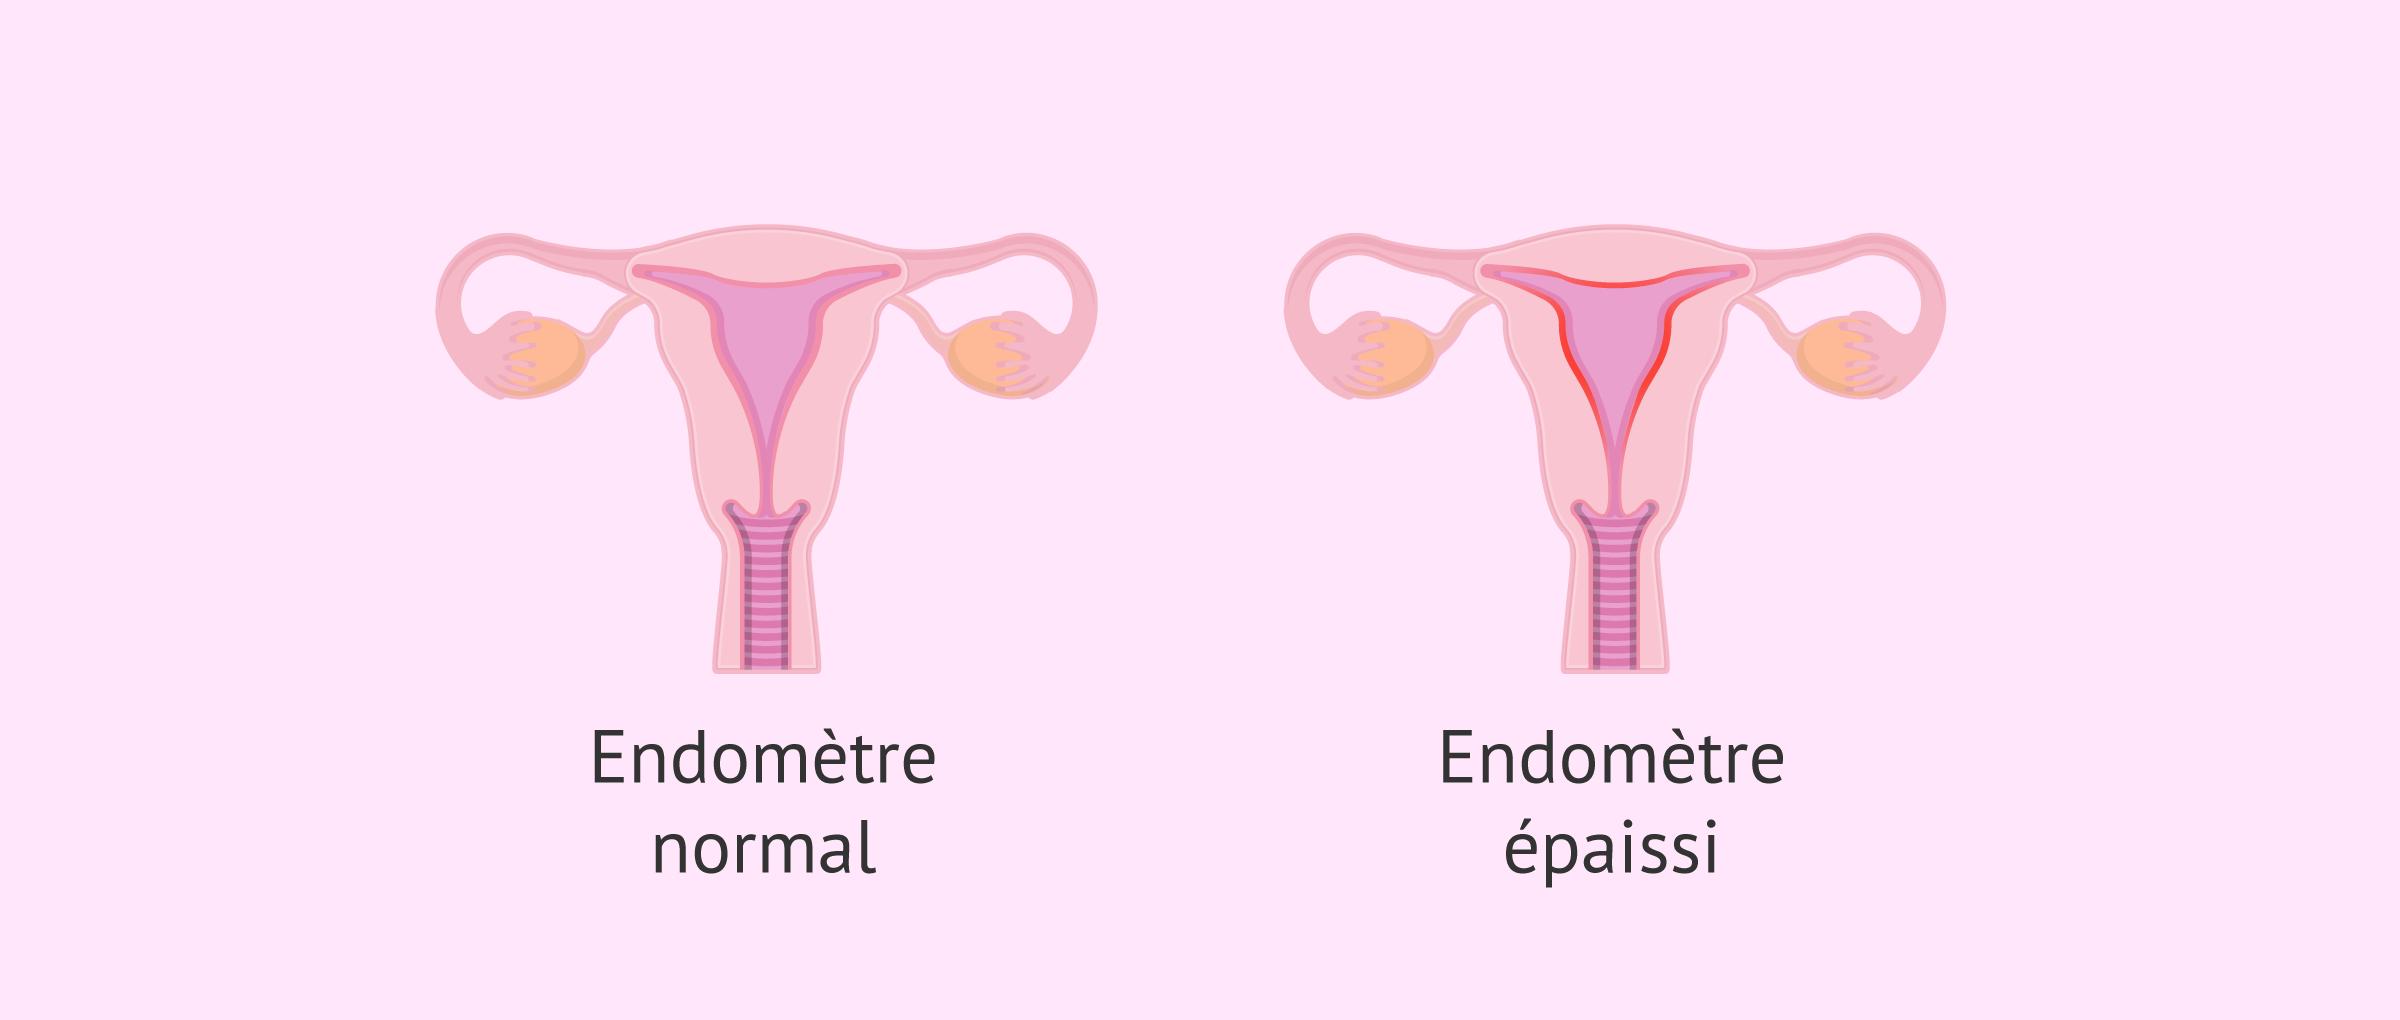 Qu'est-ce que l'hyperplasie de l'endomètre et pourquoi se produit-elle?